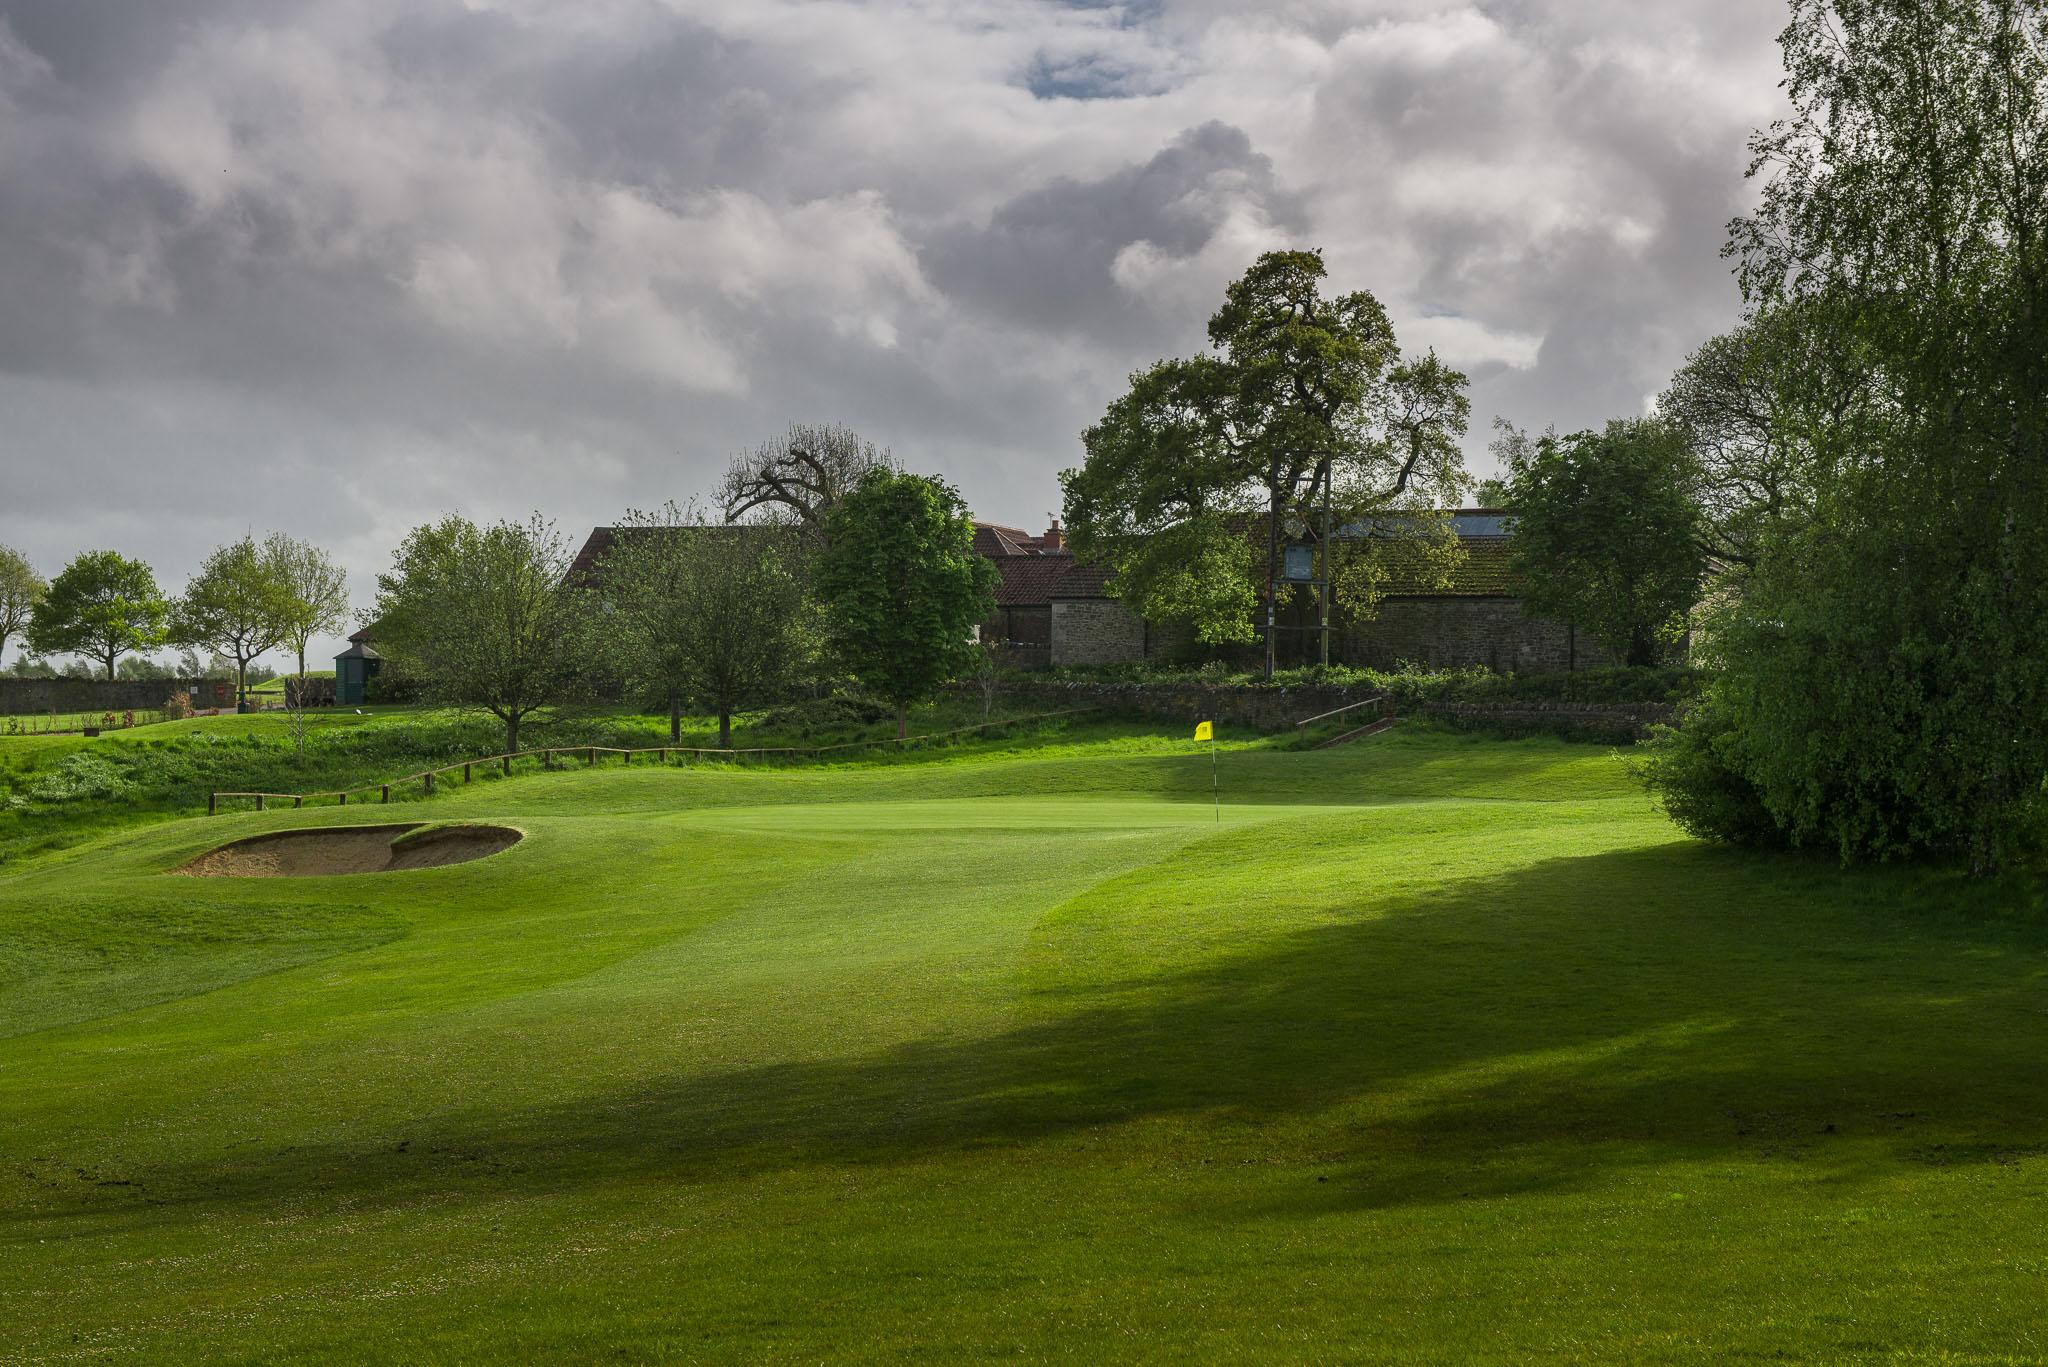 BGL_Thornbury_GolfCourse_AndyHiseman_72dpi_EmailWeb-3.jpg